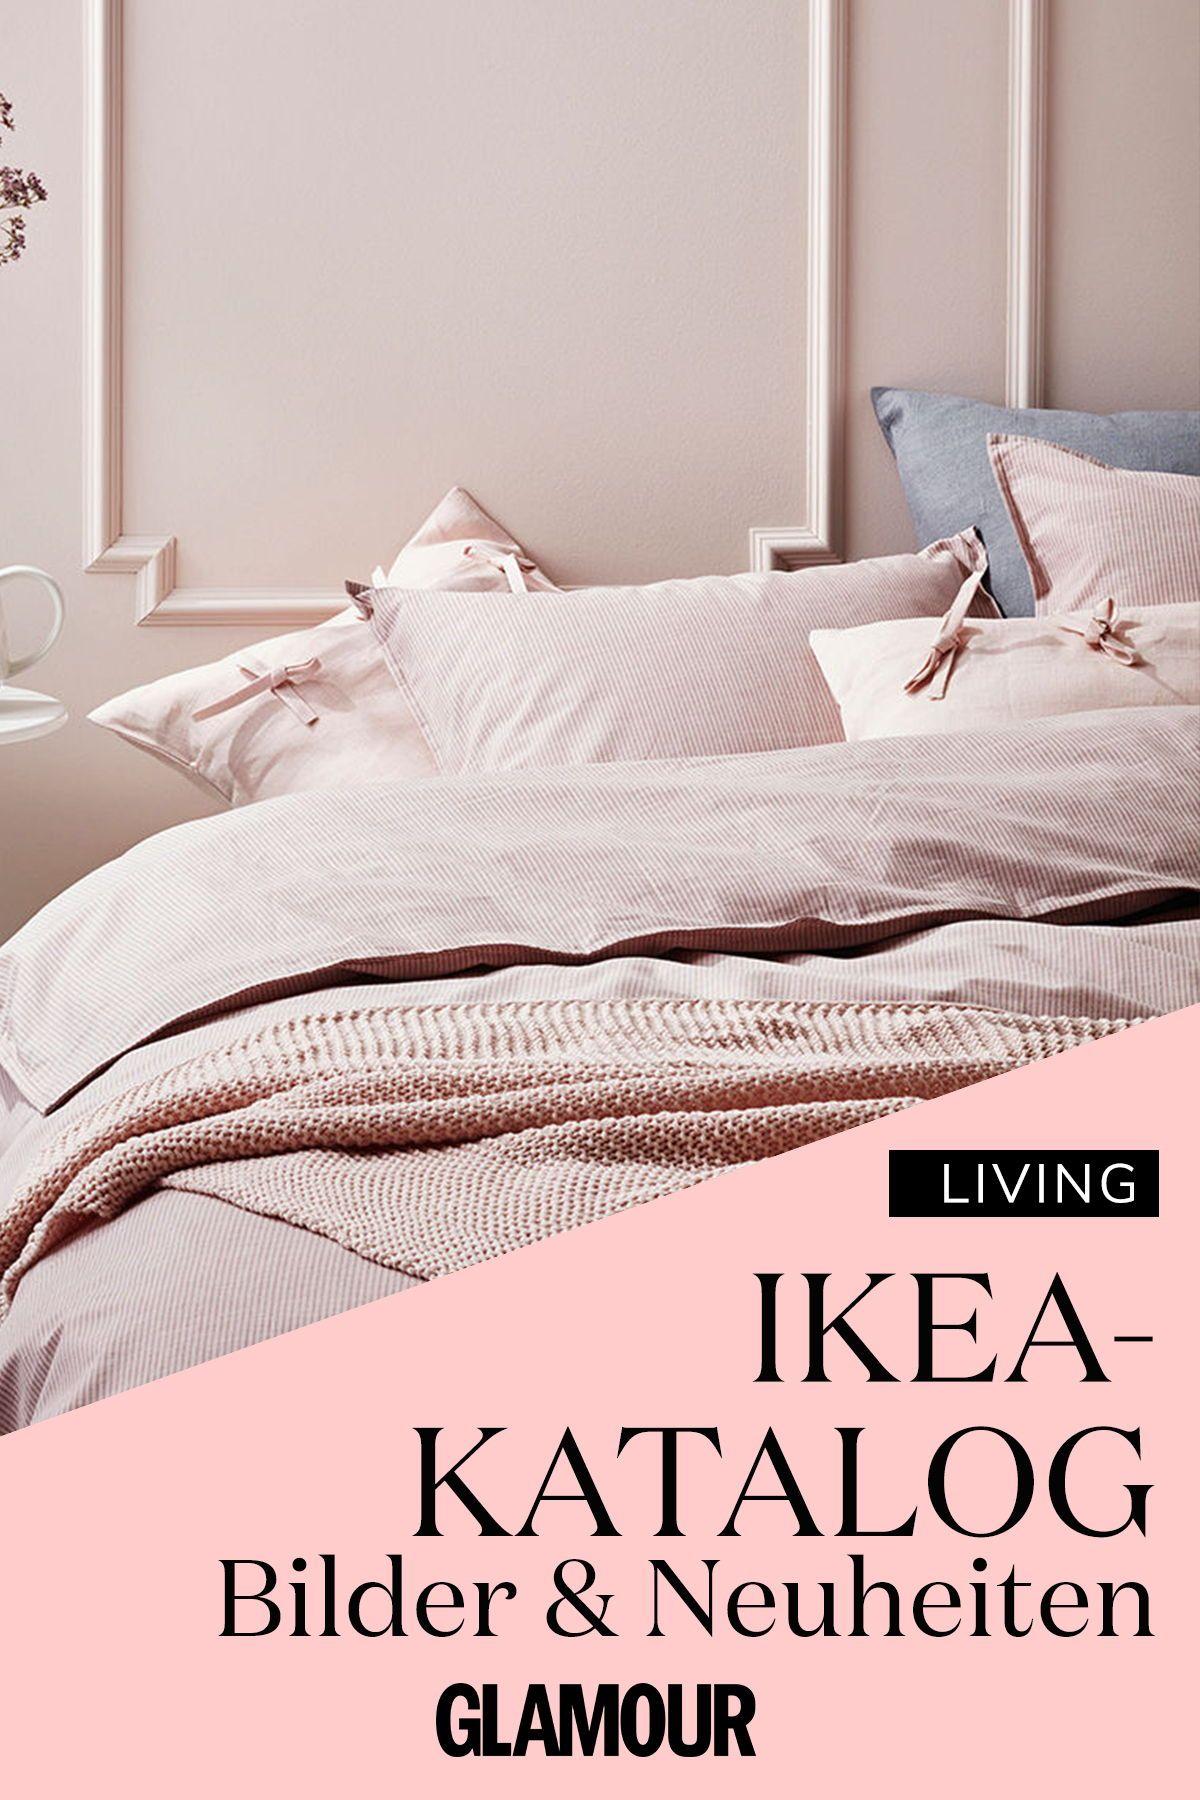 Ikea Katalog 2020 Alle Infos Bilder Ikea Wohnen Wohnung